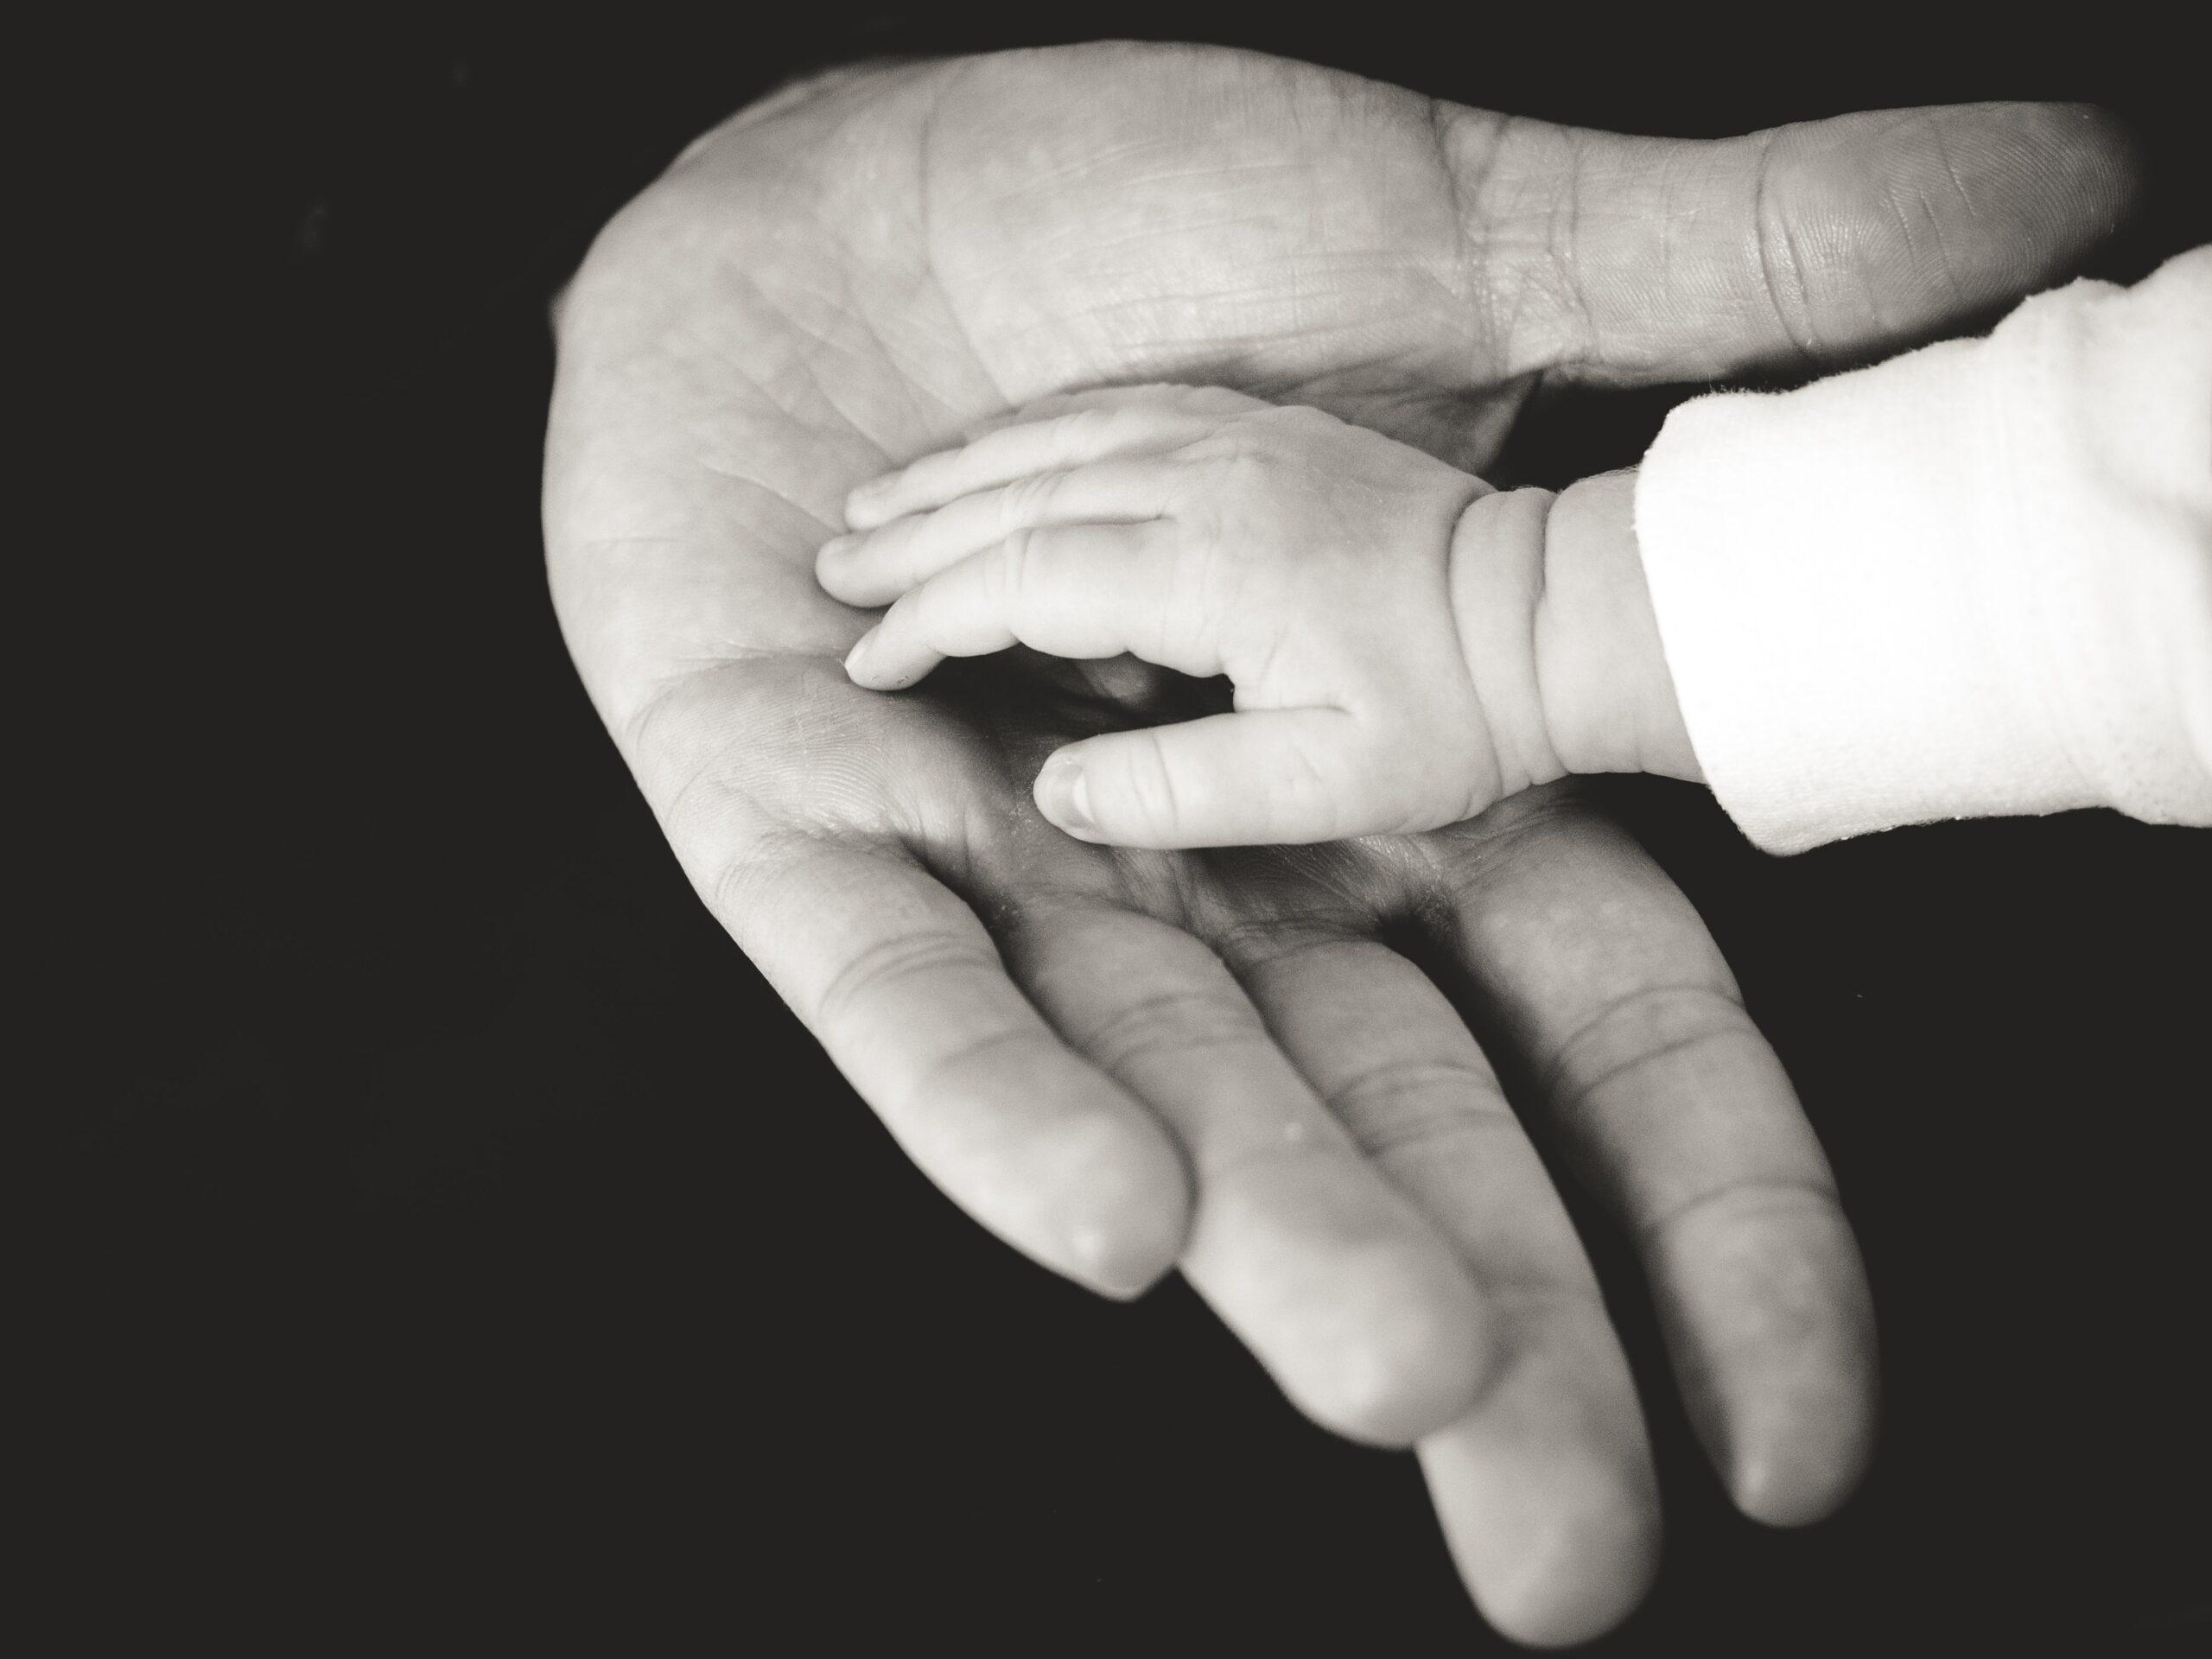 inconsistências, não, Escolher creche escolha creches e jardins de infância as melhores creches em portugalChicco, Espreguiçadeira, carrinho de bebé, roupa bebé, roupa bébé, roupa bebe, licença parental, abono de família, creche, dodot, cadeiras auto, cadeira auto, roupa de bebé, roupas de bebés, berços bebé, licença de maternidade, roupa criança, andarilho bebe, jardim de infância, fraldas, sapatilhas criança, carrinho bebé, carrinho bebe, ténis criança, isofix, biberões, roupas recém nascido, camas bebé, alcofa, loja chicco, loja de bebé, sapatos bebé, cadeiras bebé, berços bebé, nomes de bebé, chicco outlet, chuchas, babygrow, cadeira auto bebé, gymboree, brincar, desenvolvimento infantil, pediatra, pediatras, mãe, pai, parentalidade, empreendedorismo, Decathlon, Benfica, Worten, Continente, Fnac, Pingo Doce, Auchan, Jumbo, Lidl, Decathlon Alfragide, Chicco, Monsanto, Bicicleta, Decathlon Lisboa, Dodot, Parque Infantil, quinta das Conchas, Horário